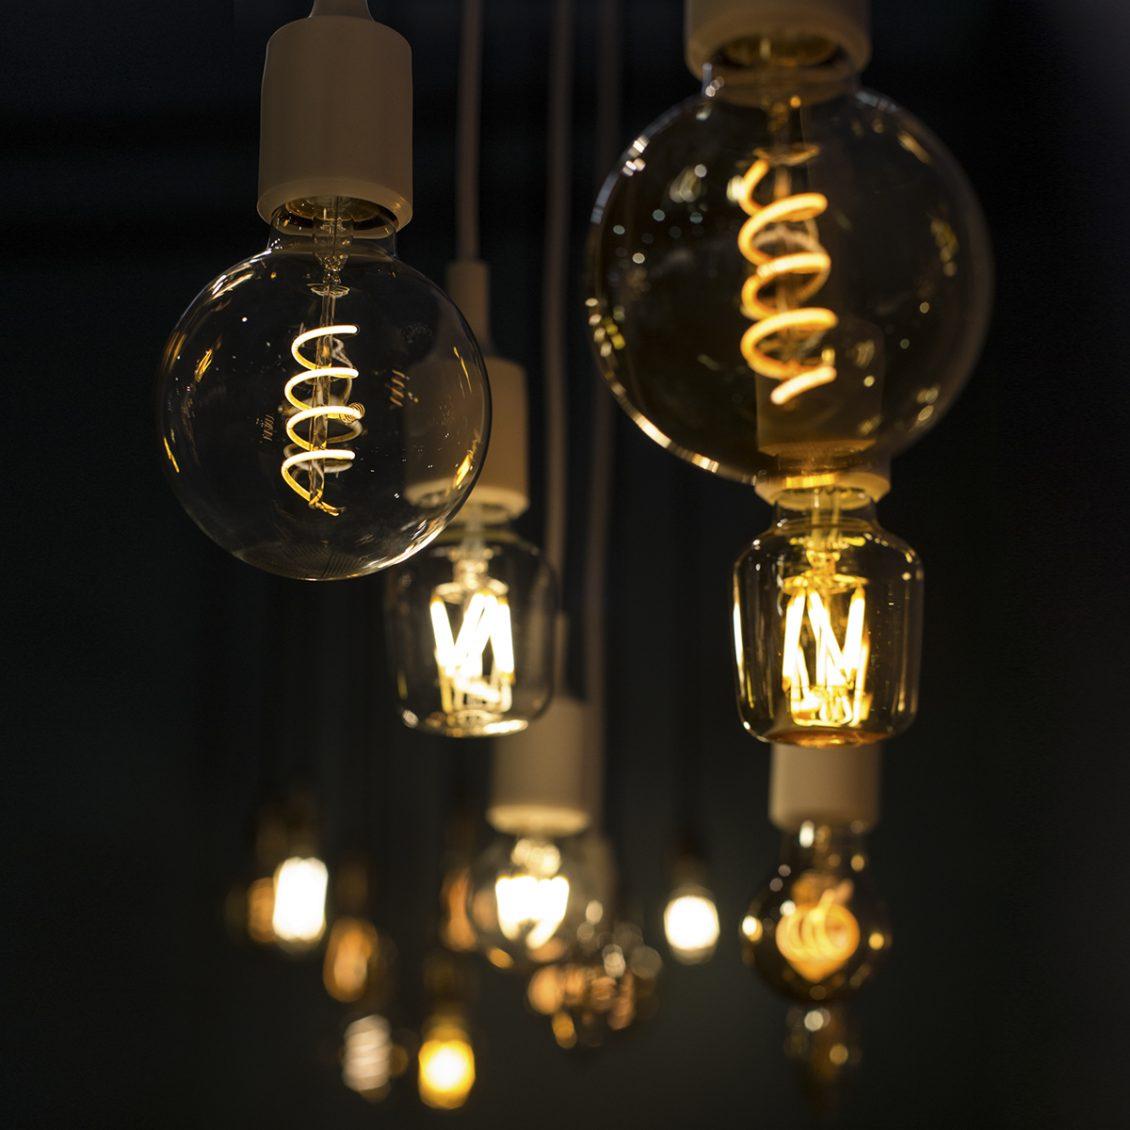 Kolekcia SOFT EDISON. Samozrejme, všetci milujeme starú Edison